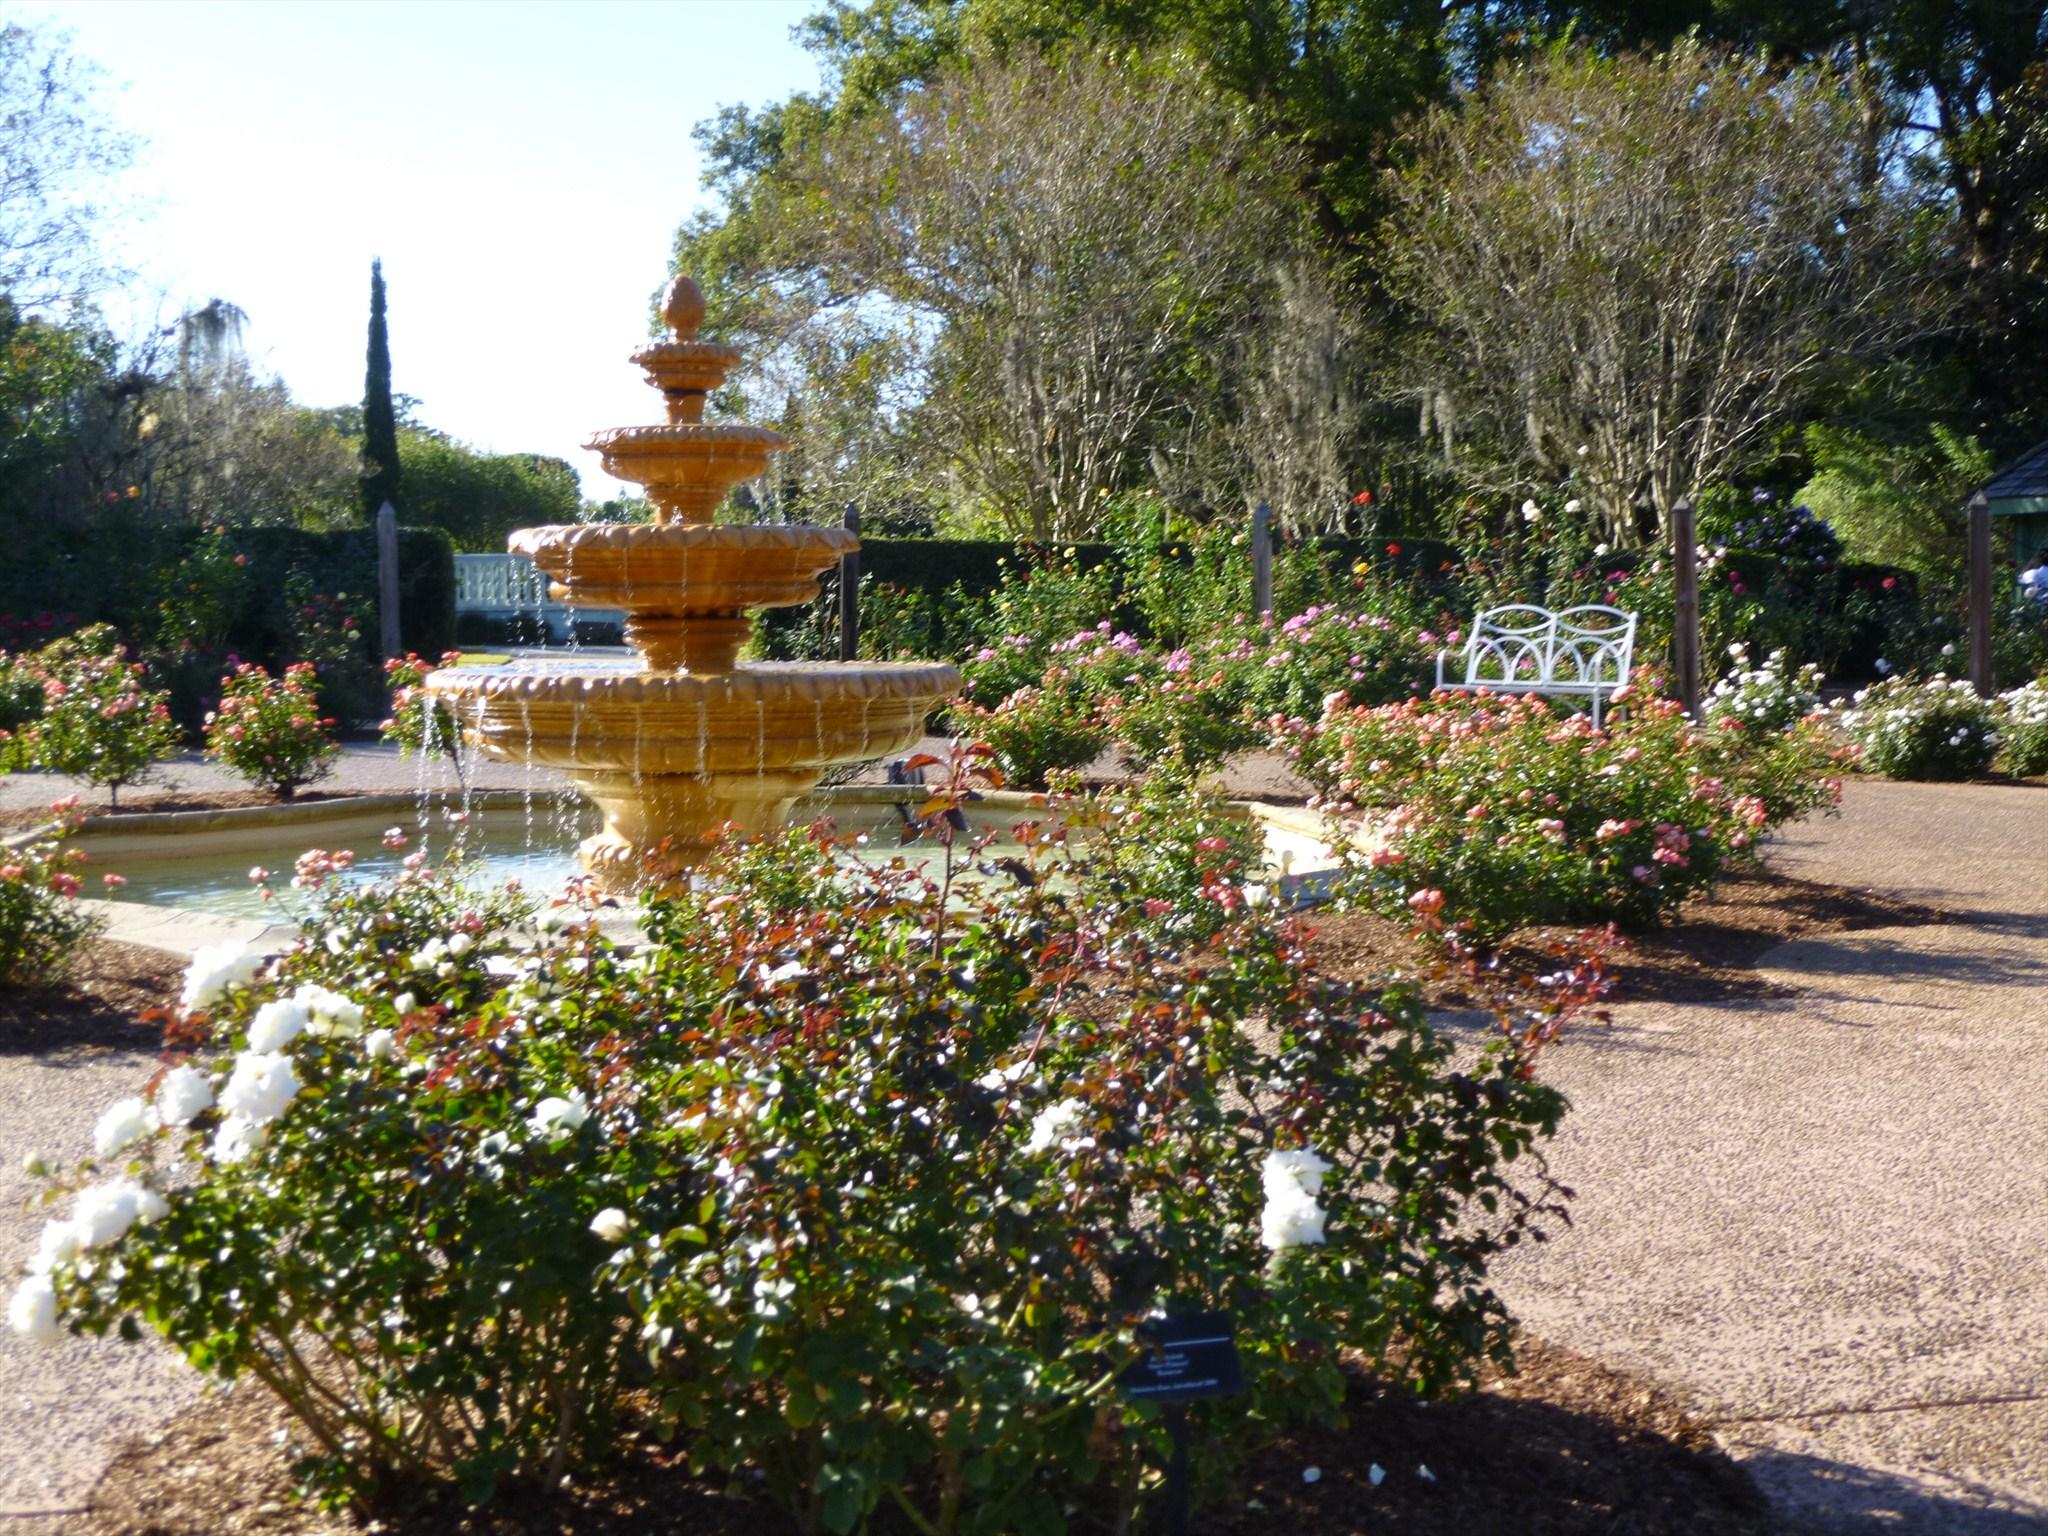 Leu Gardens - Rose Garden - Orlando - Florida, USA